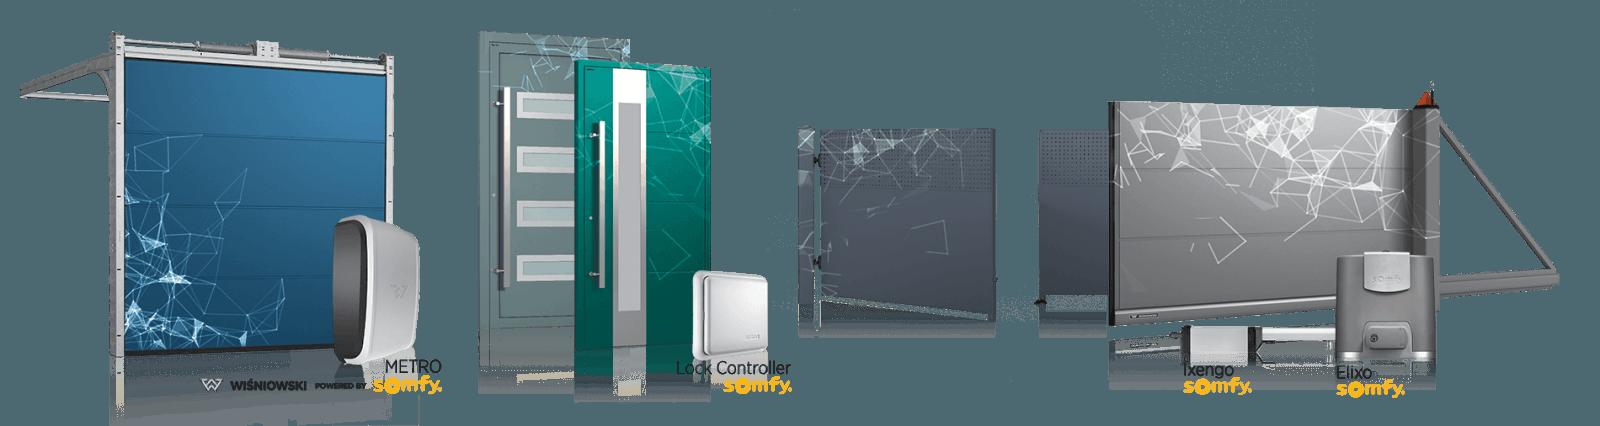 Розумний дім wisniowsci-smartCONNECTED продукція